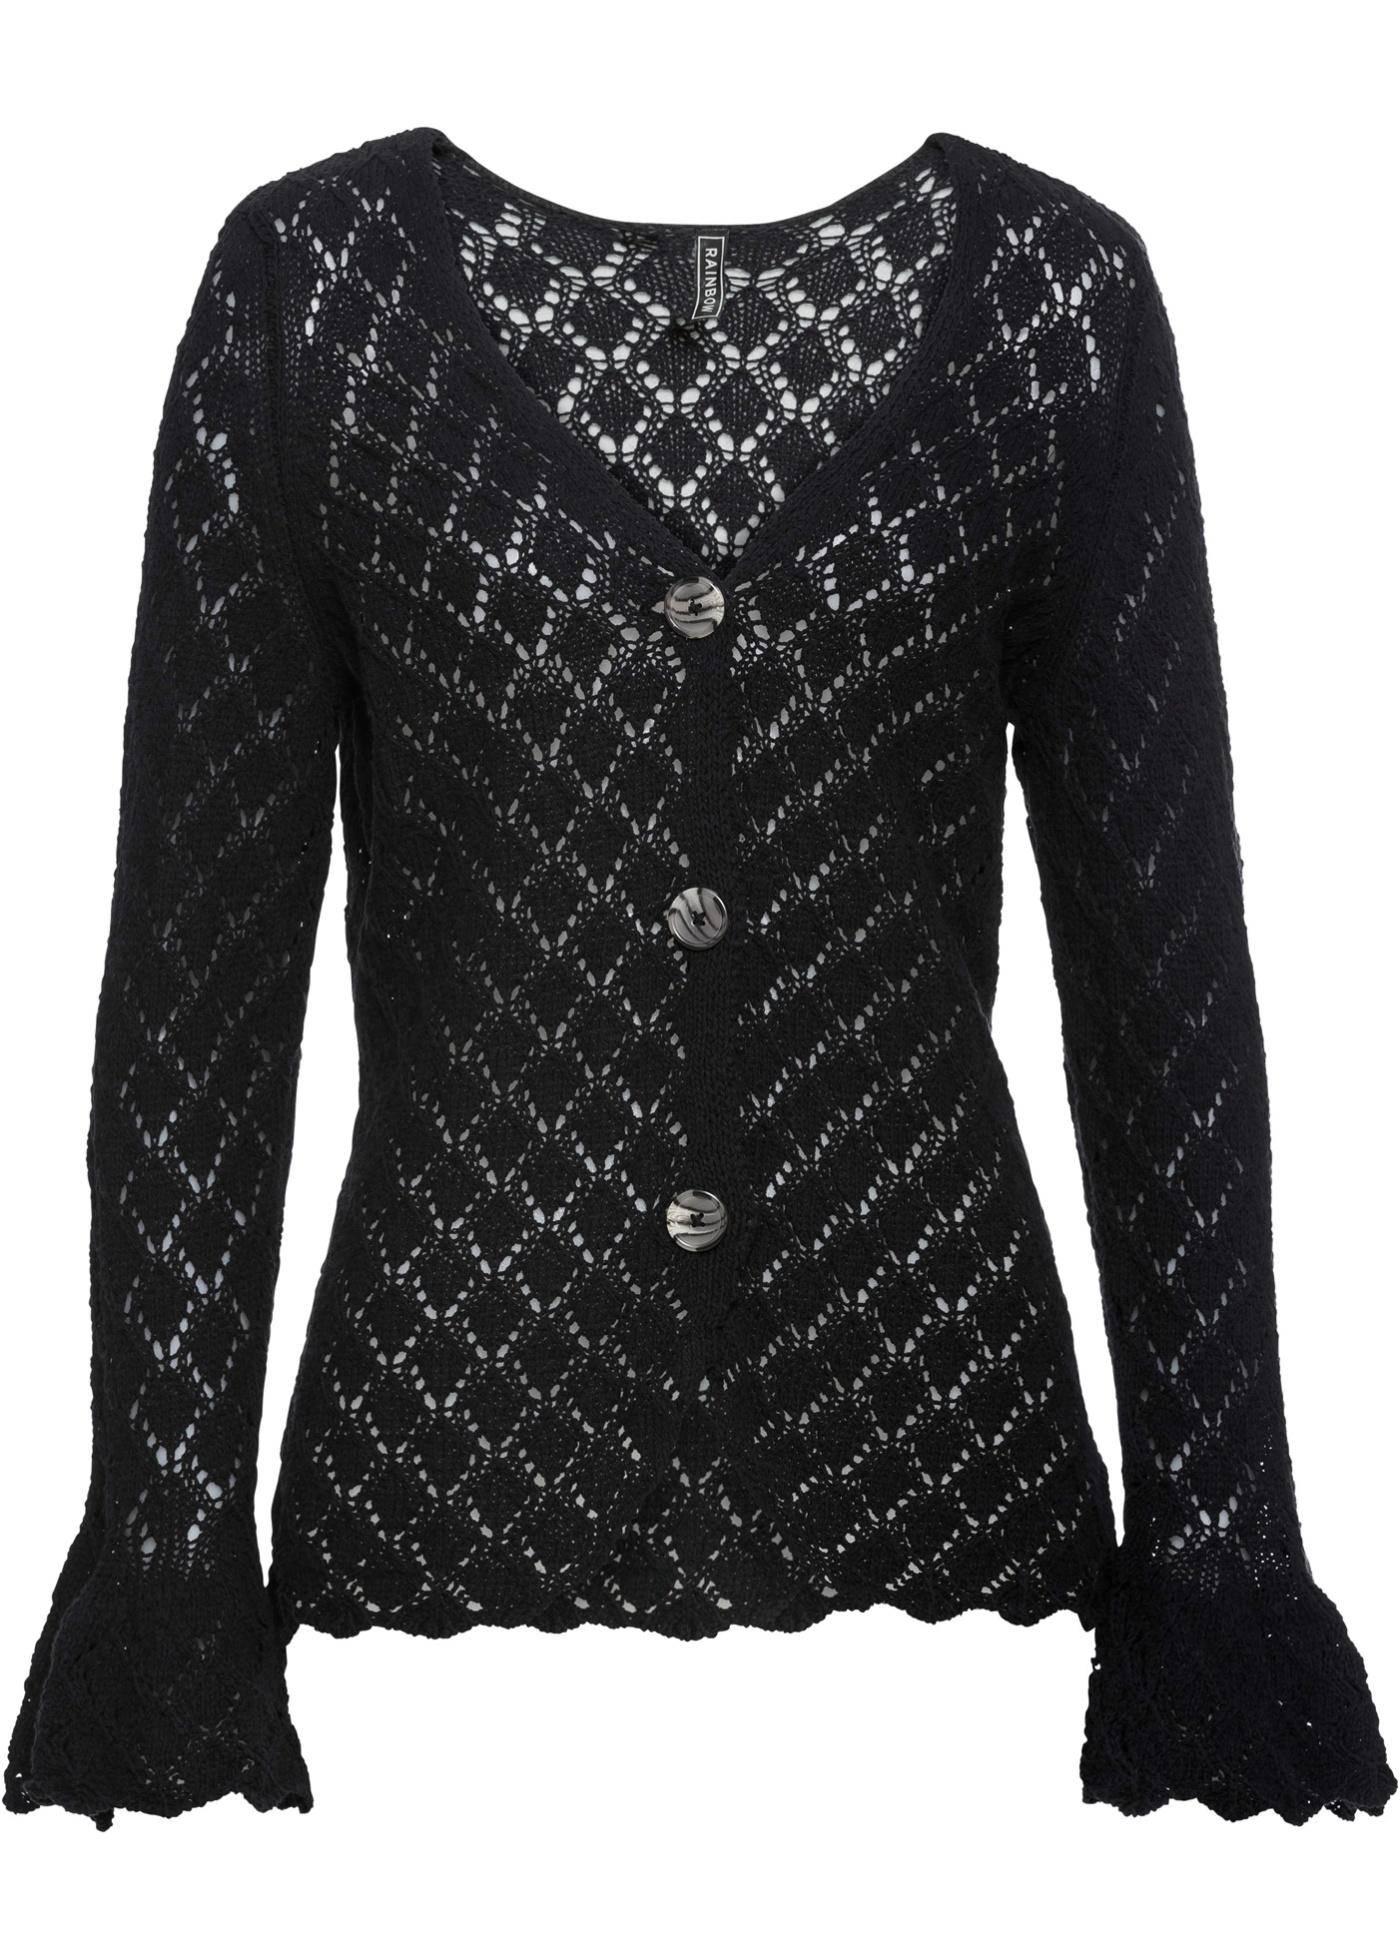 BonprixGilet Pour Longues En Noir Maille Façon Femme Crochet Manches Rainbow u1FJc35KTl